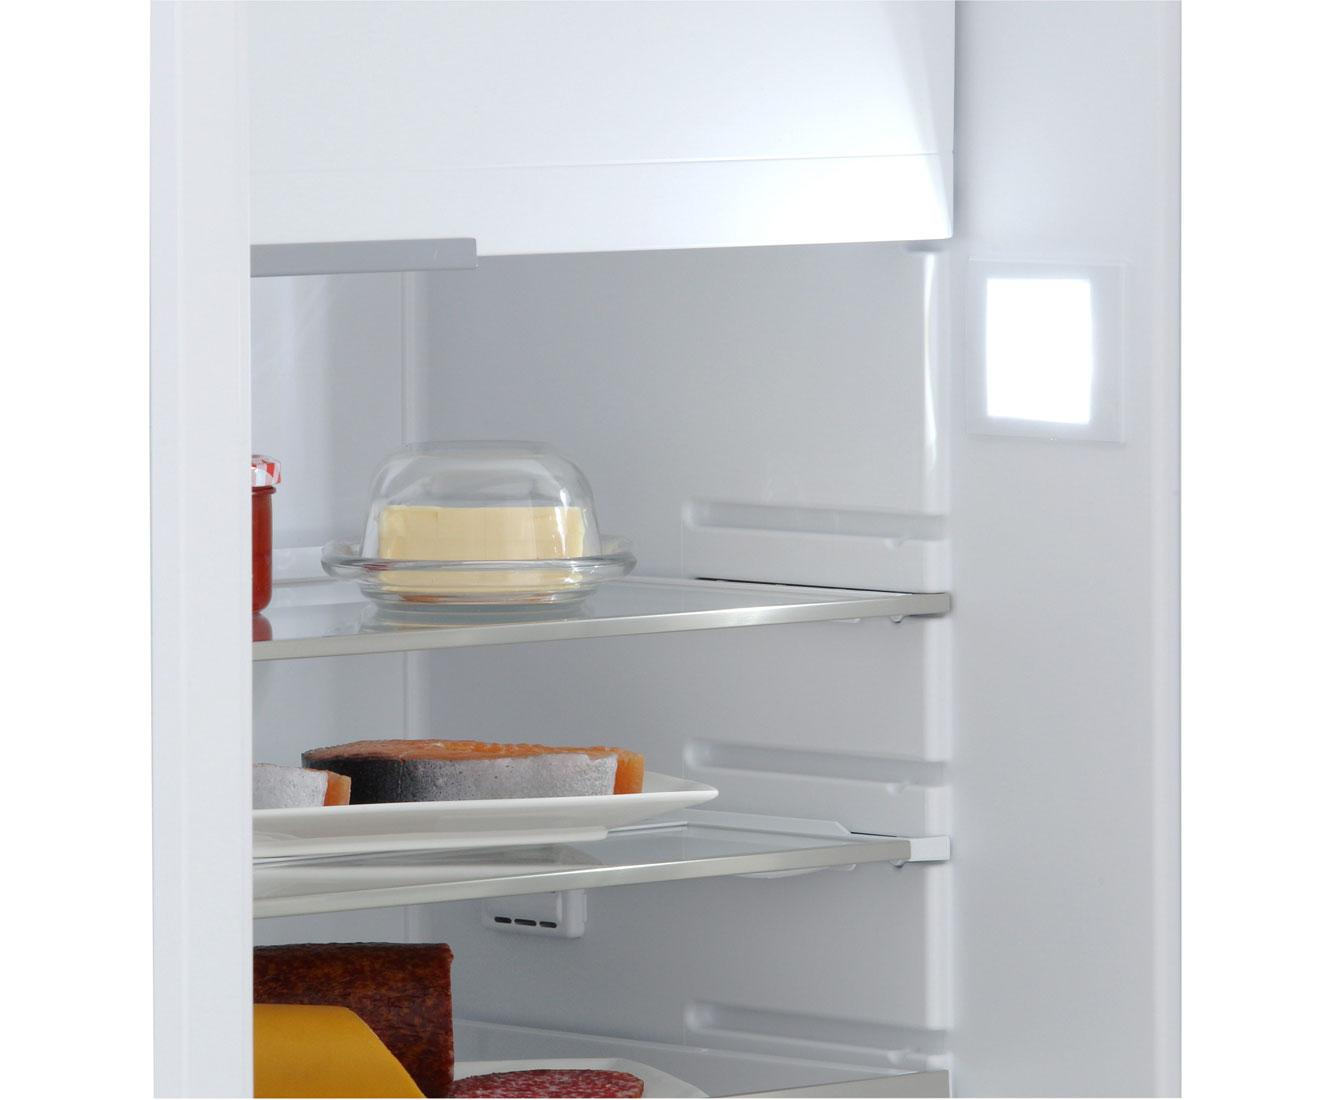 Siemens Kühlschrank Iq500 : Siemens iq500 ki32lad30 einbau kühlschrank mit gefrierfach 102er